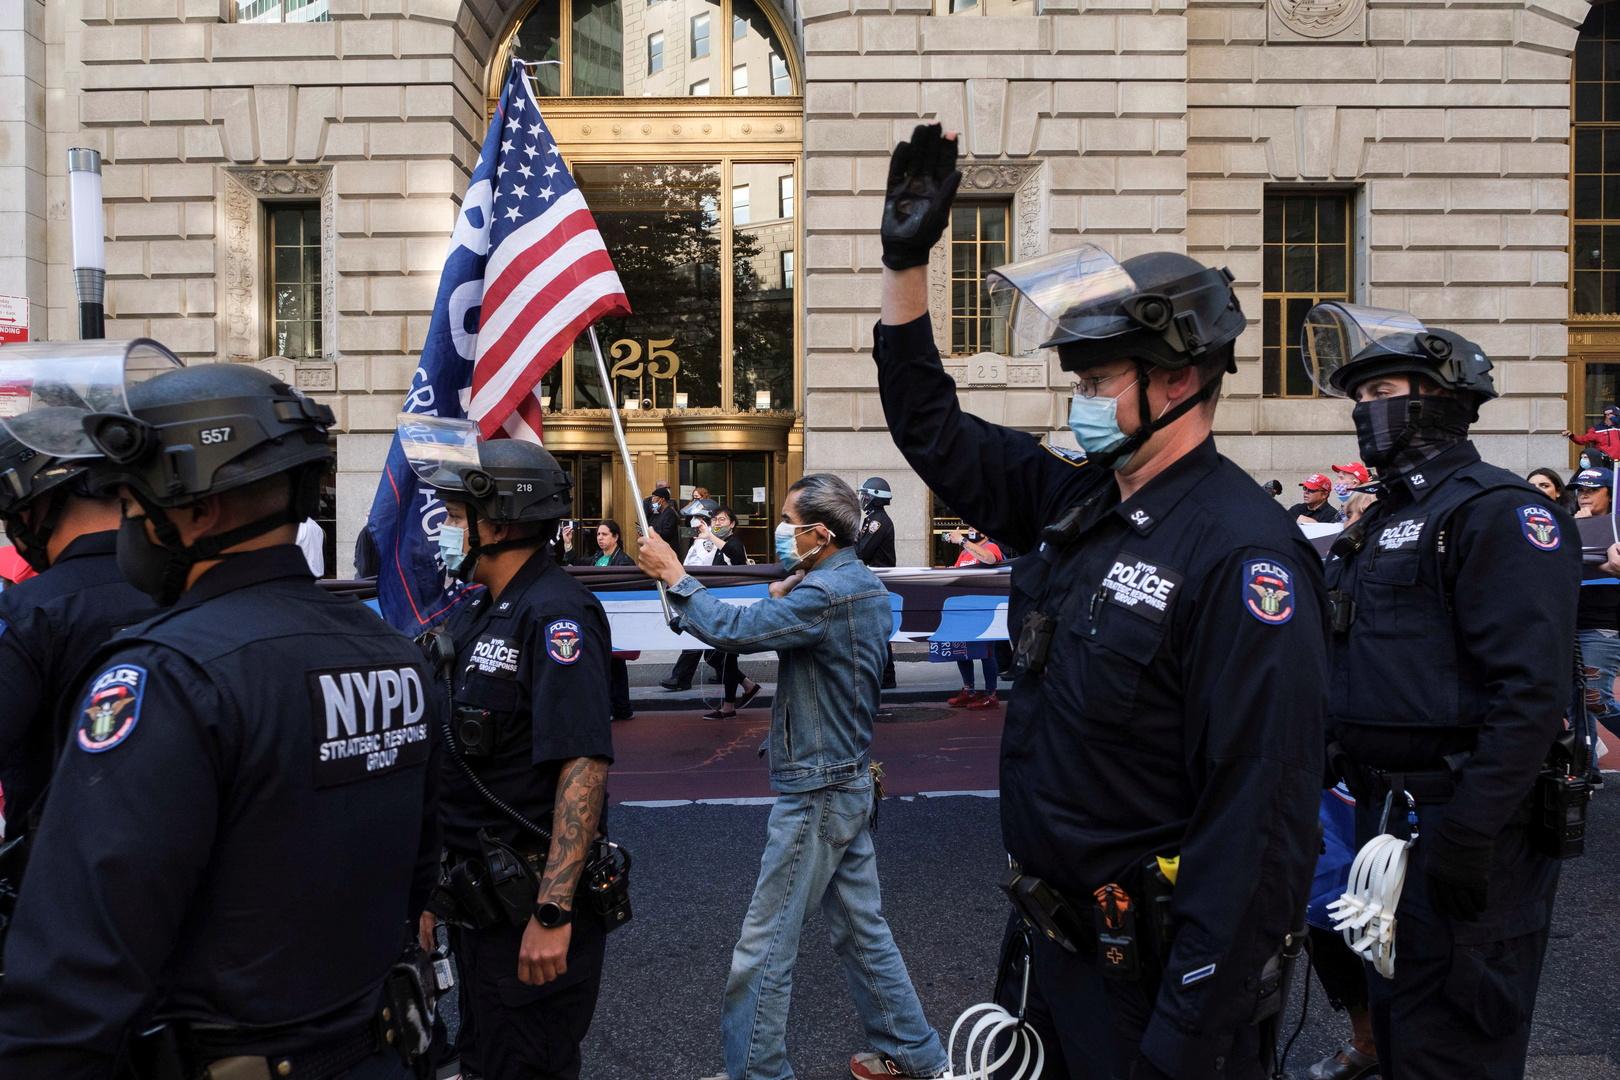 الداخلية الأمريكية تستعد لاضطرابات محتملة أثناء الانتخابات